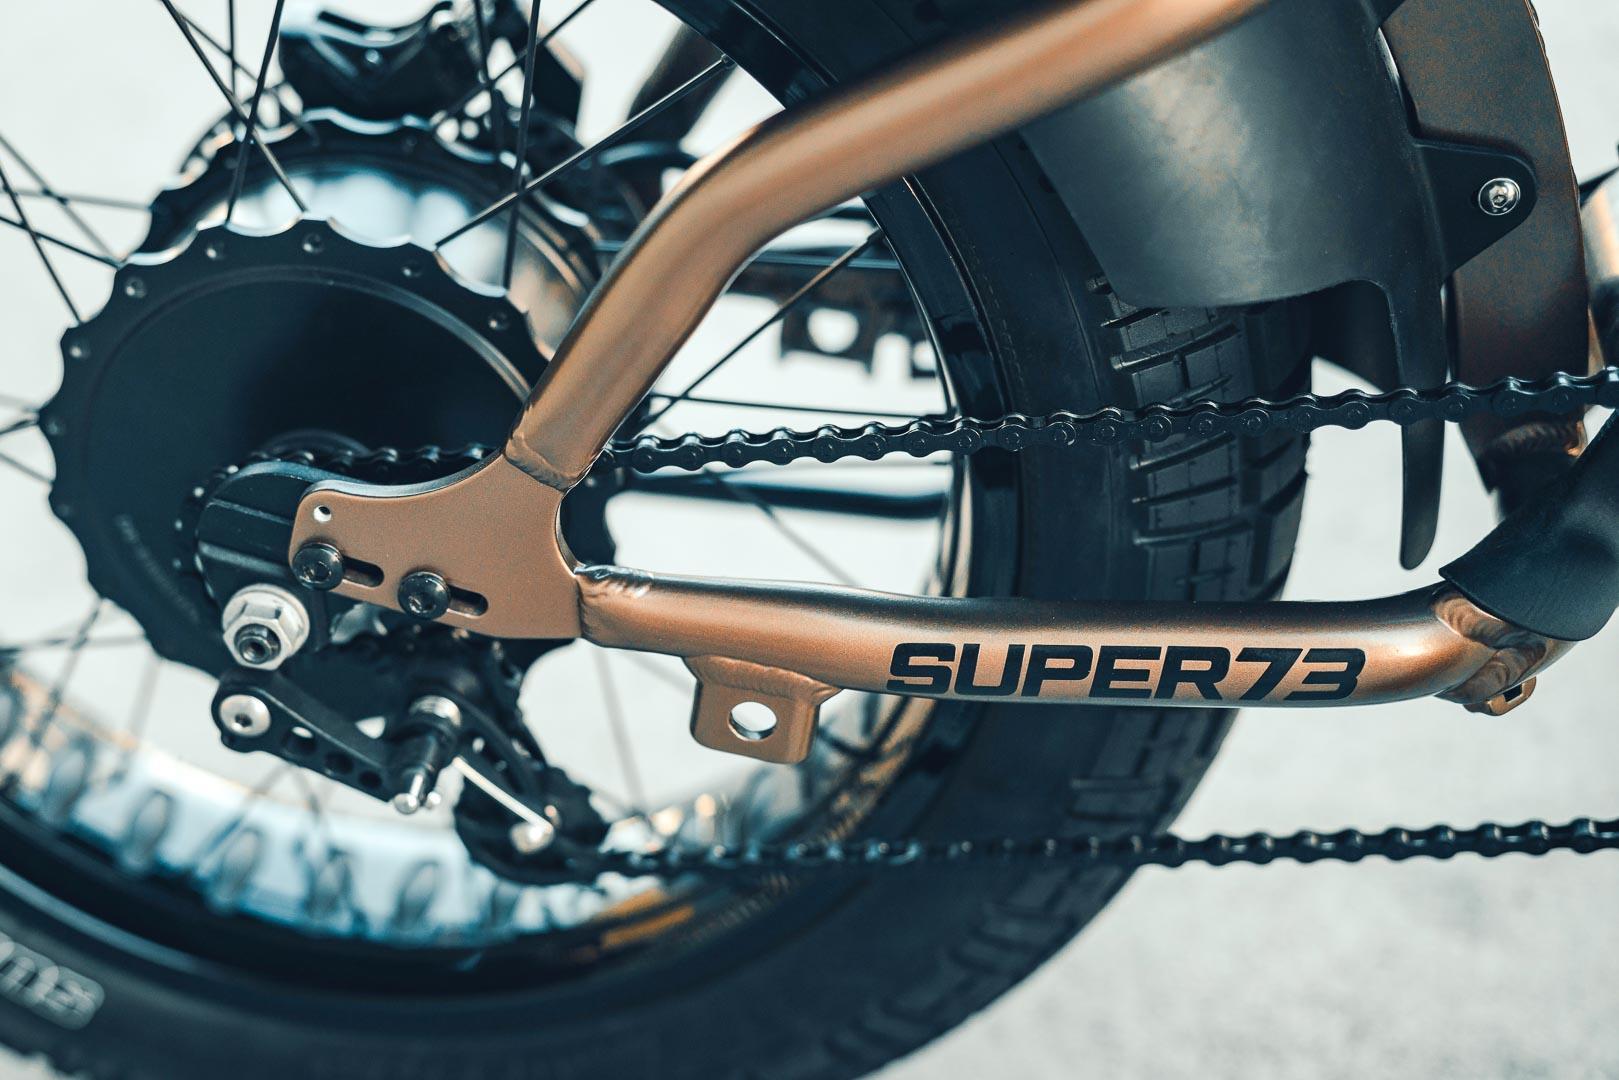 Super73 Flat Track RX: Chiếc xe đạp lai đầy táo bạo Ảnh 7